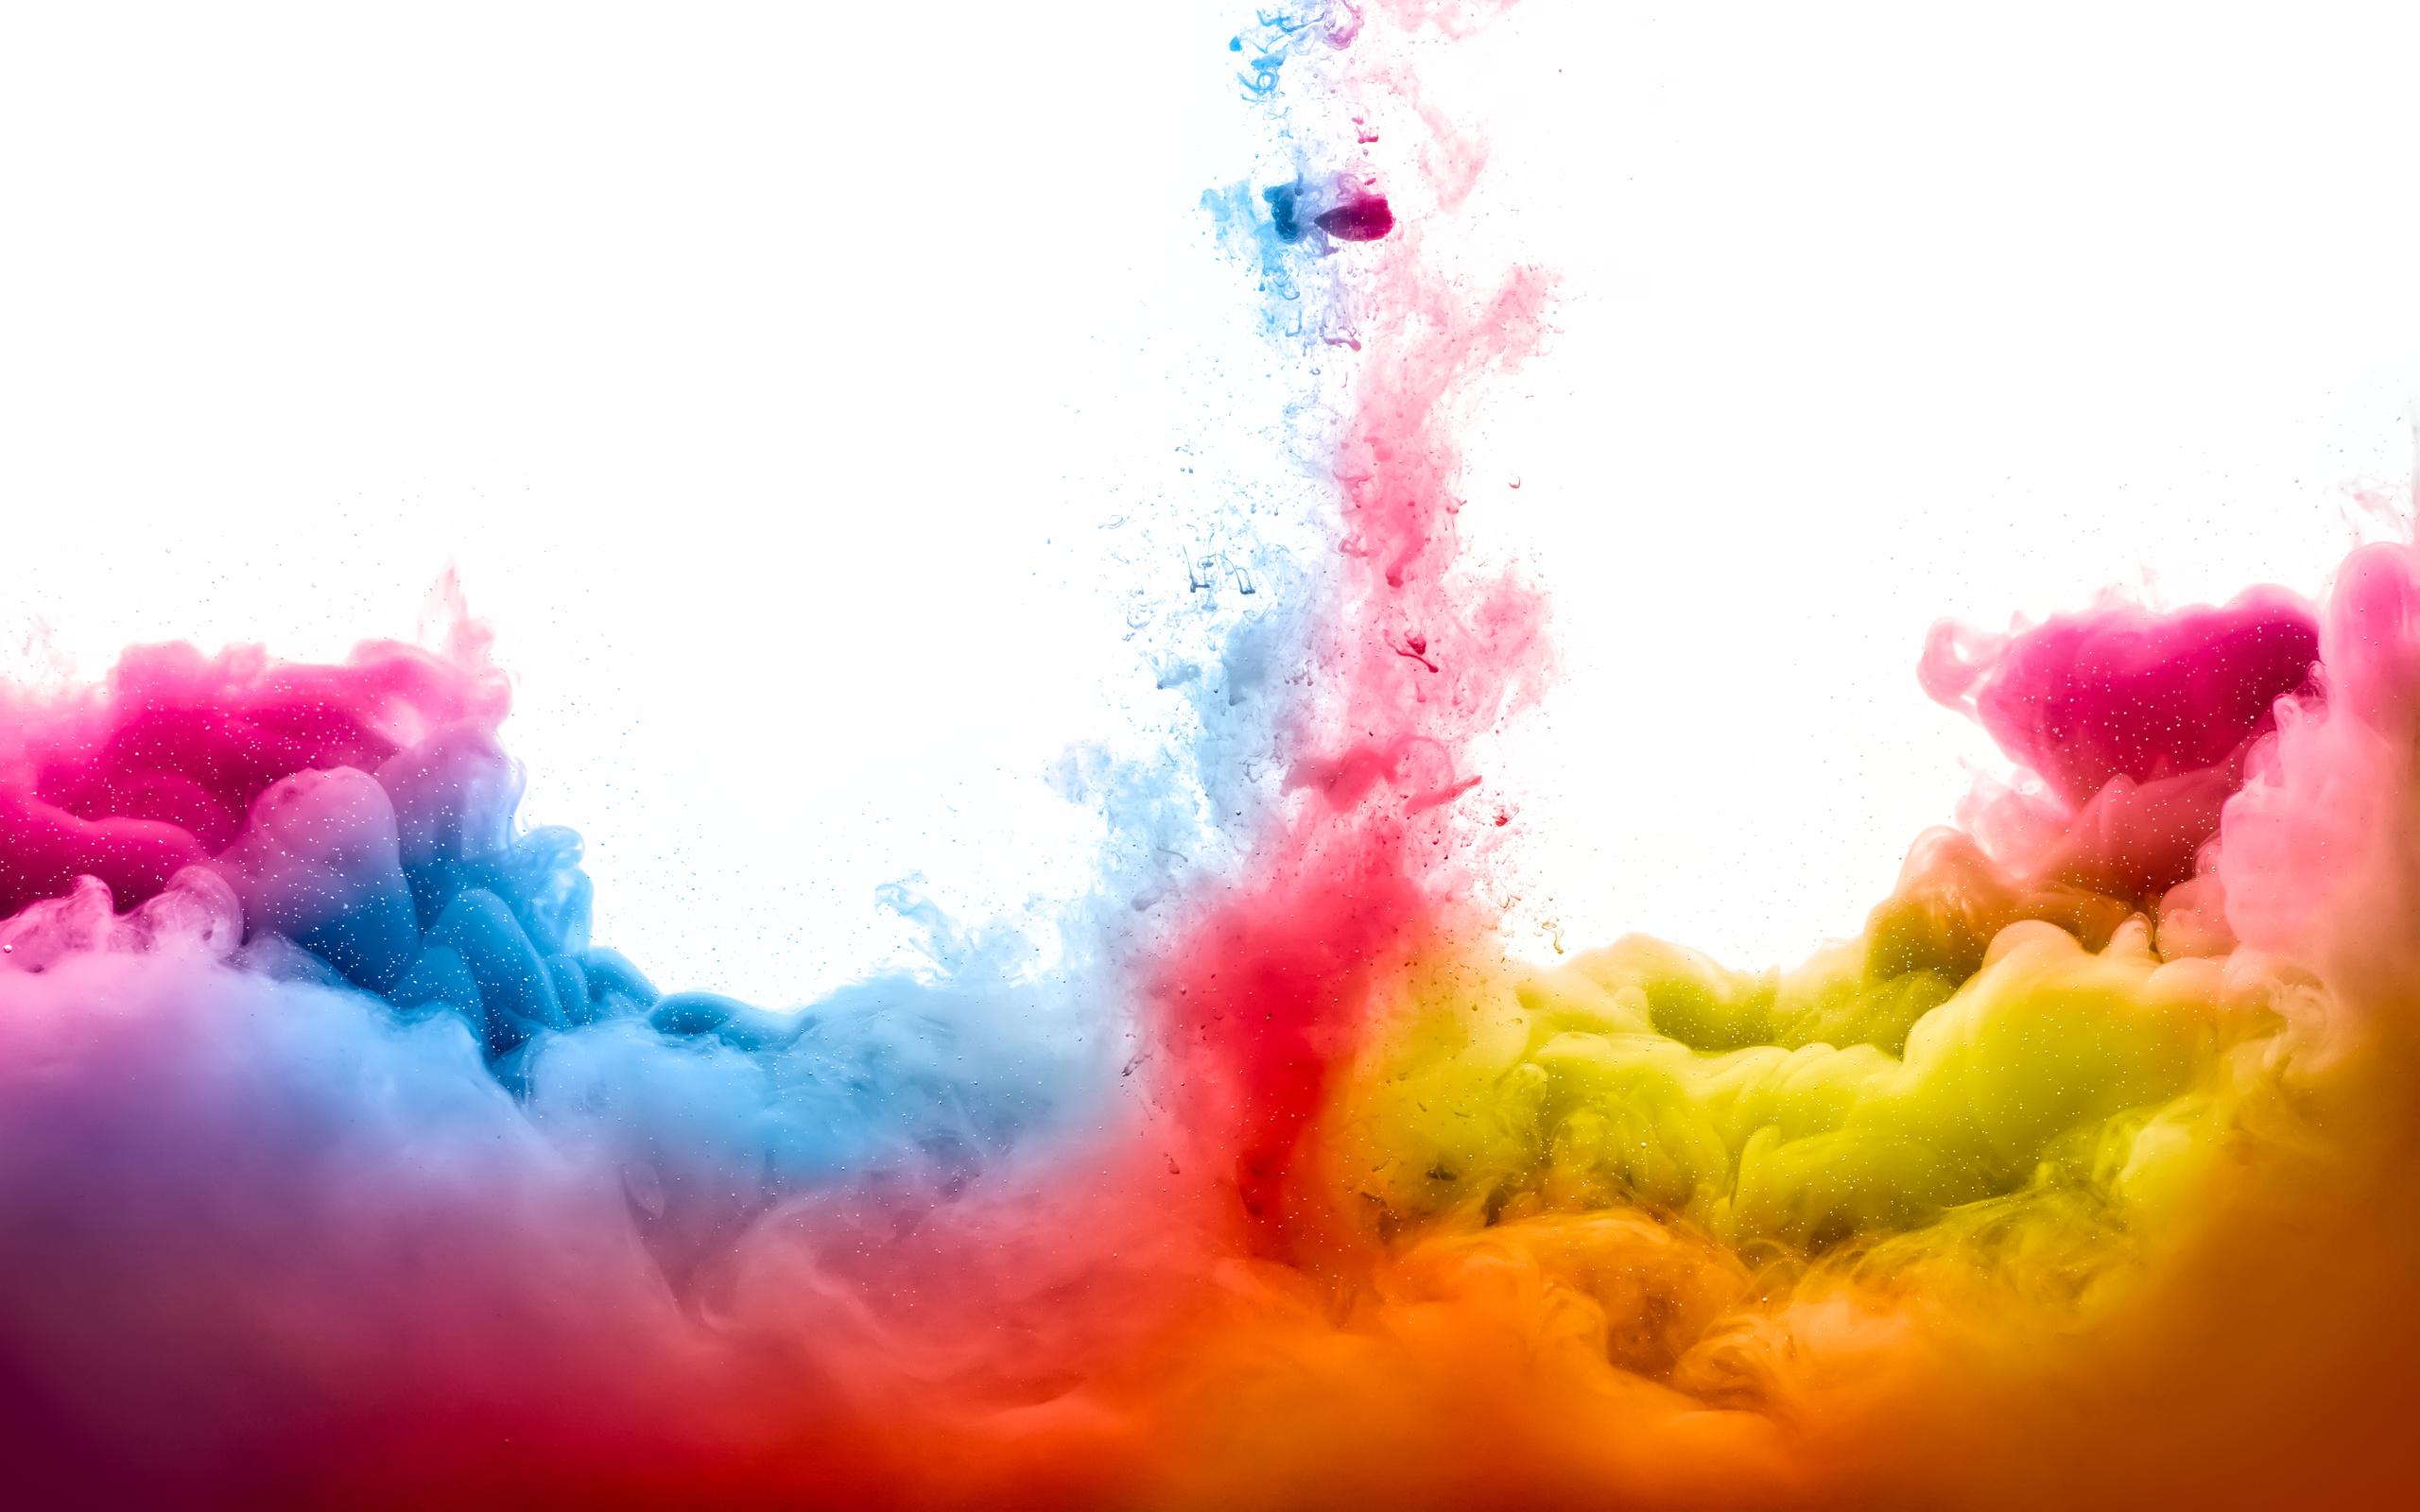 Colorful smoke 4K Ultra HD wallpaper 4k WallpaperNet 2560x1600